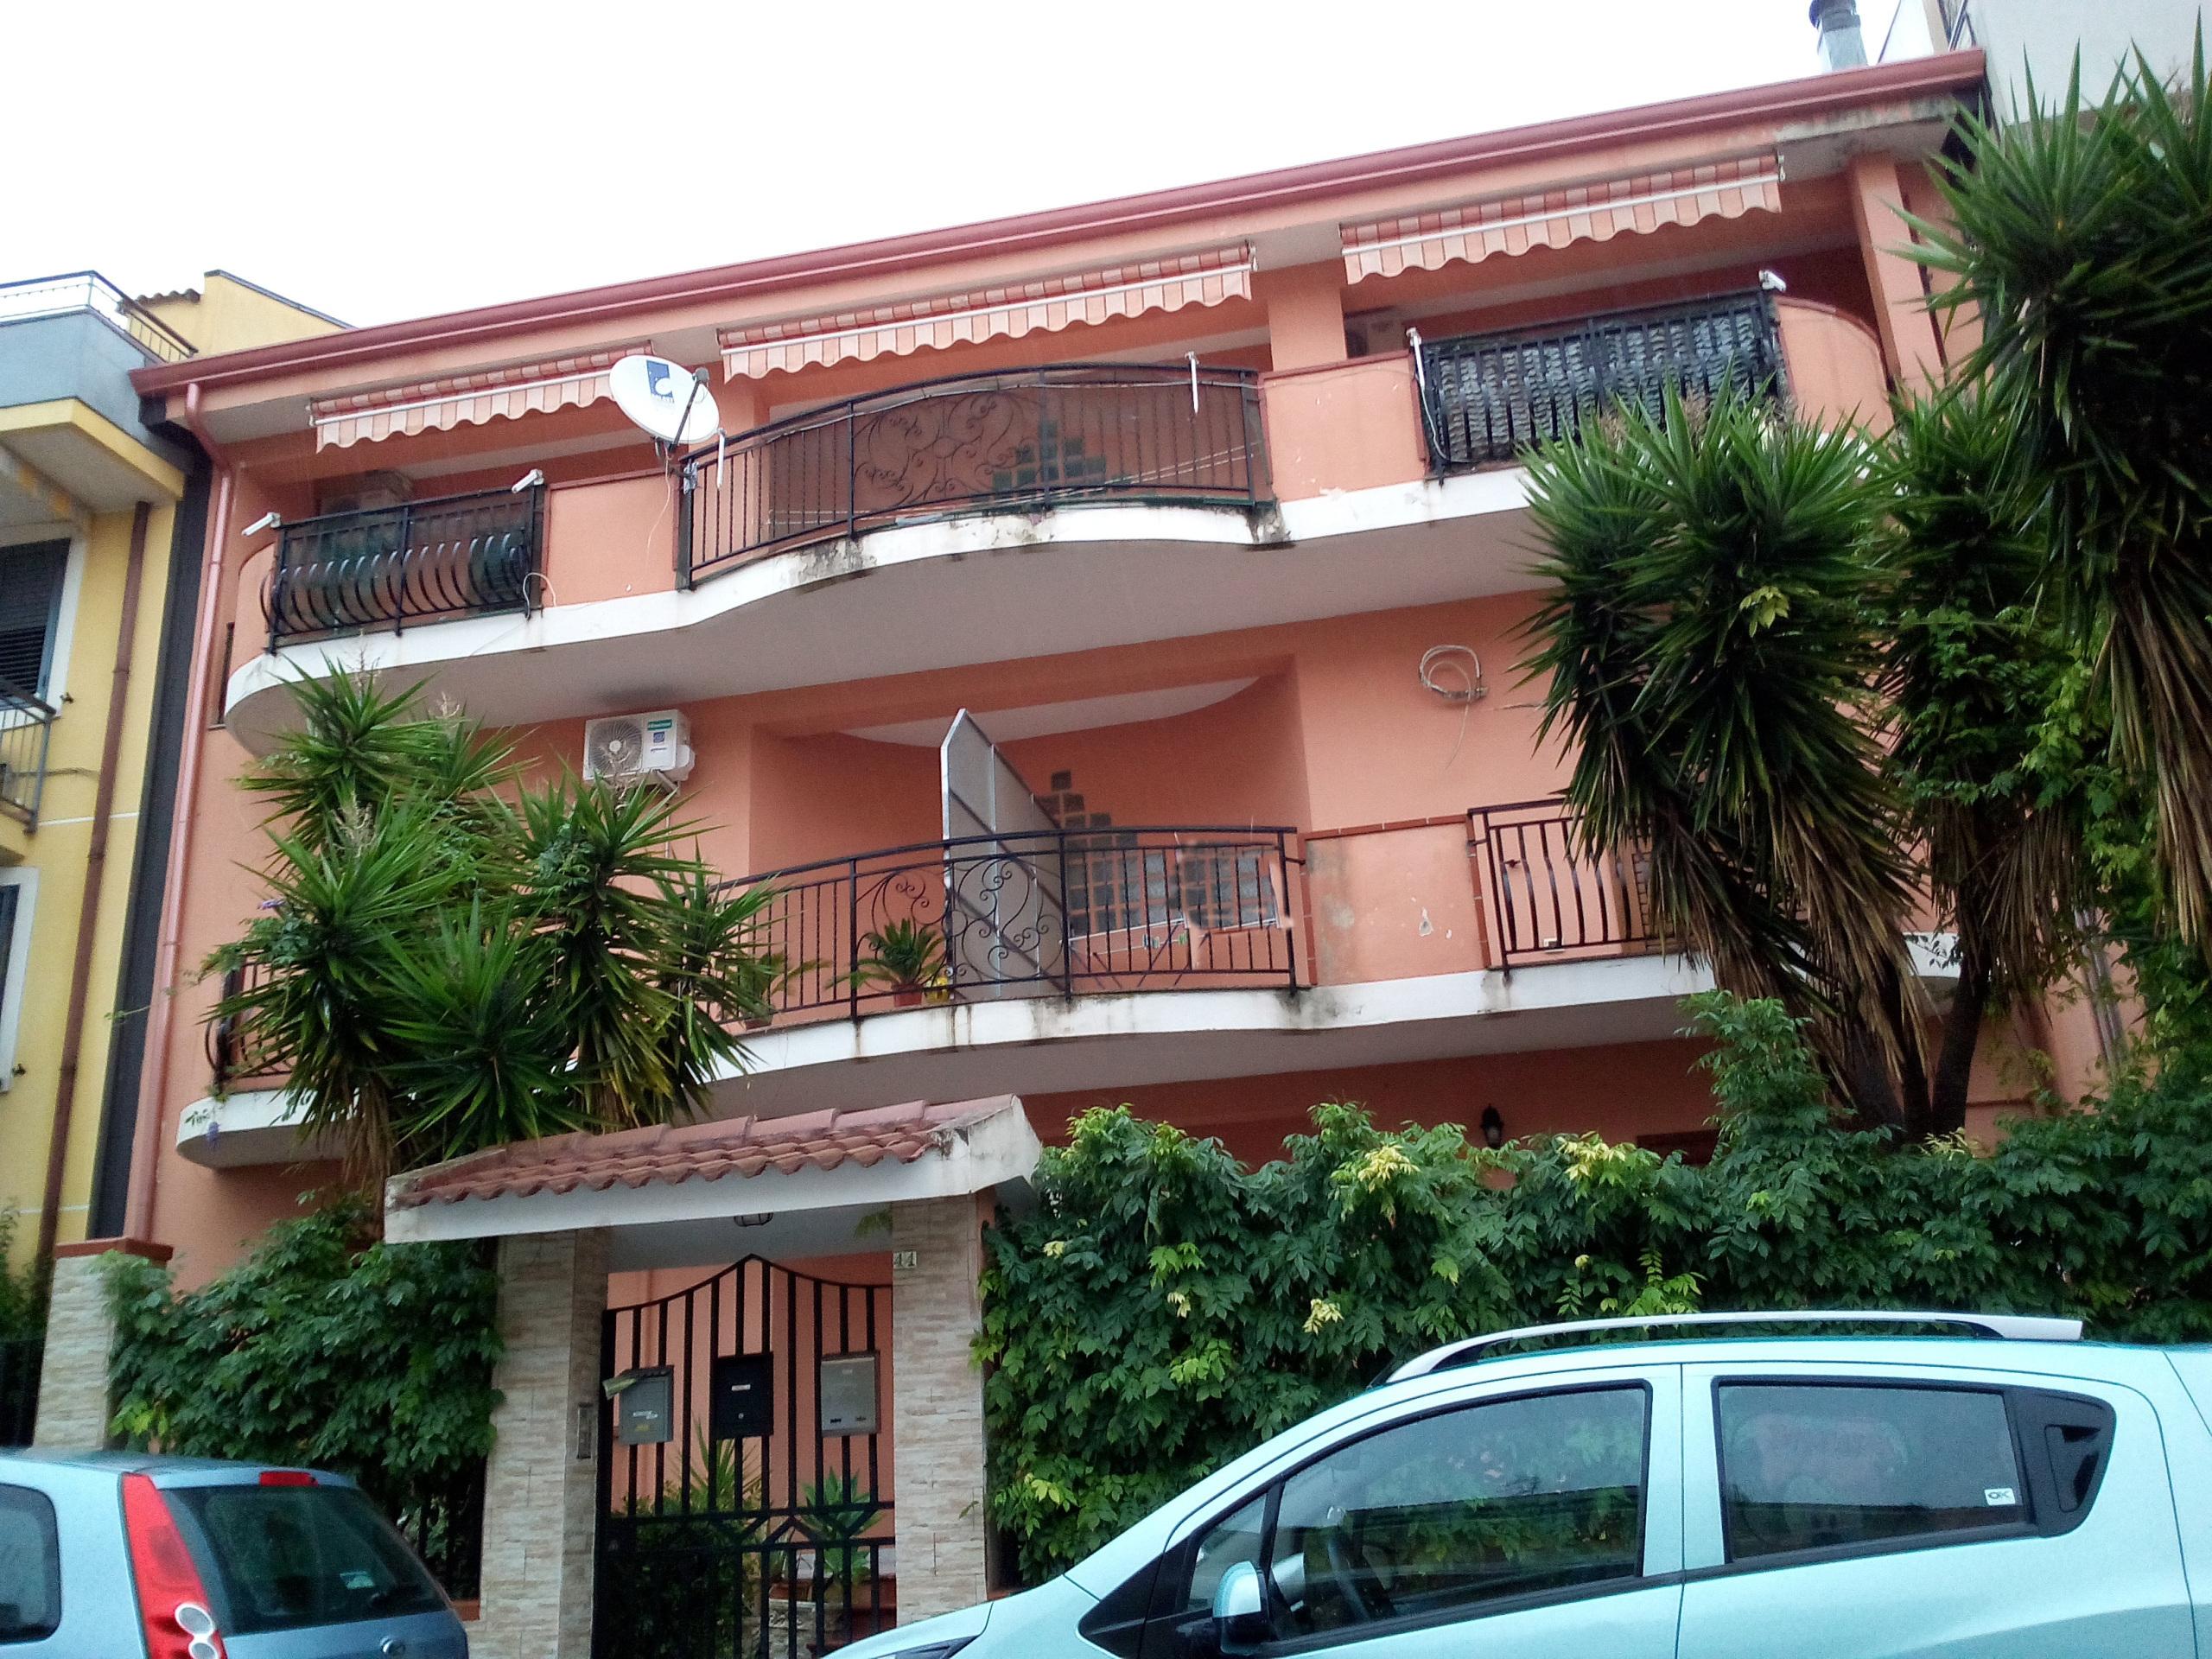 Rif af2727 appartamento arredato affitto a floridia for Affitto carpenedolo arredato